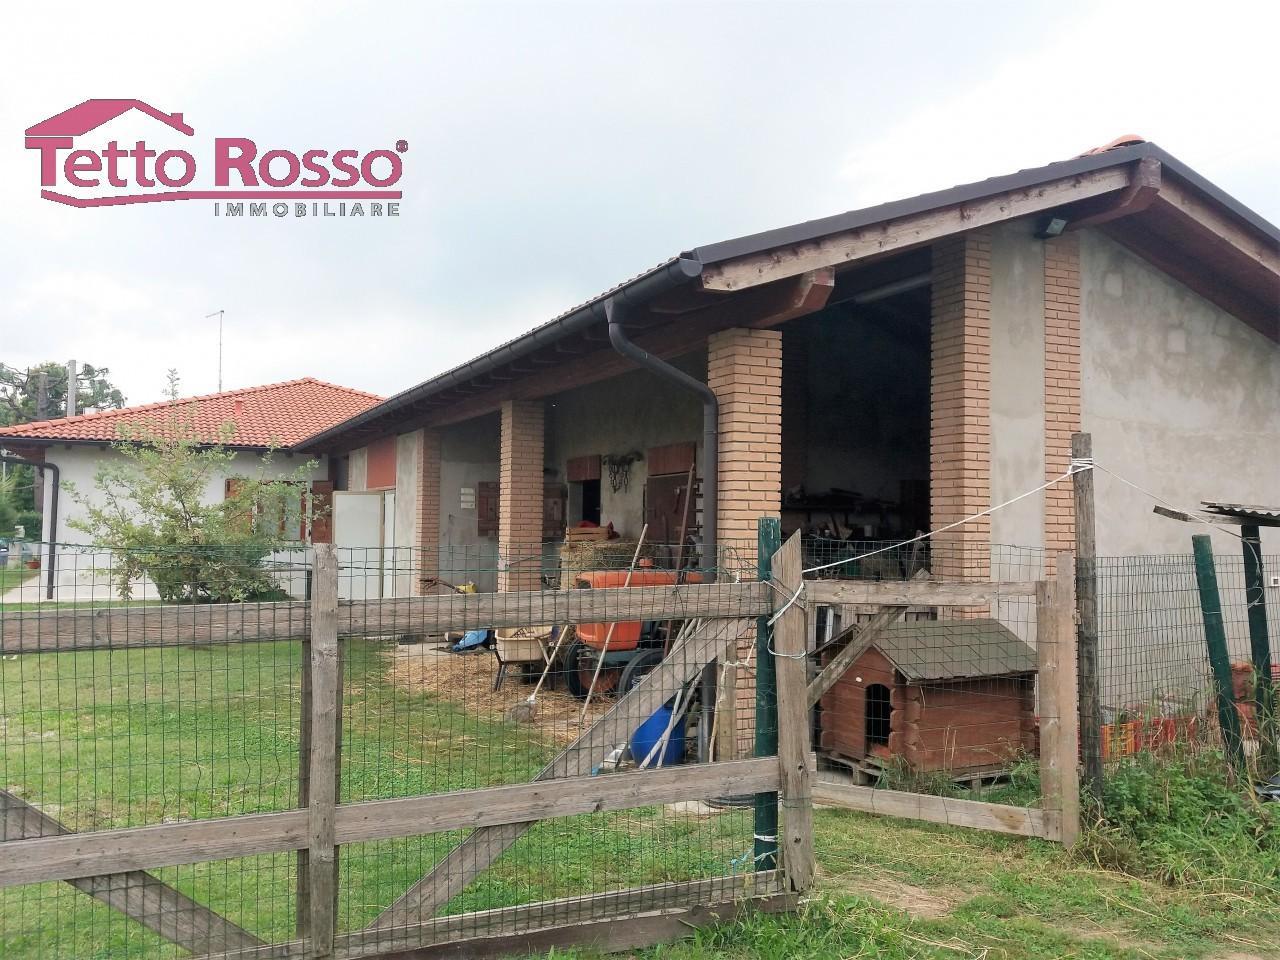 Casa singola con 1000 mq di proprietà